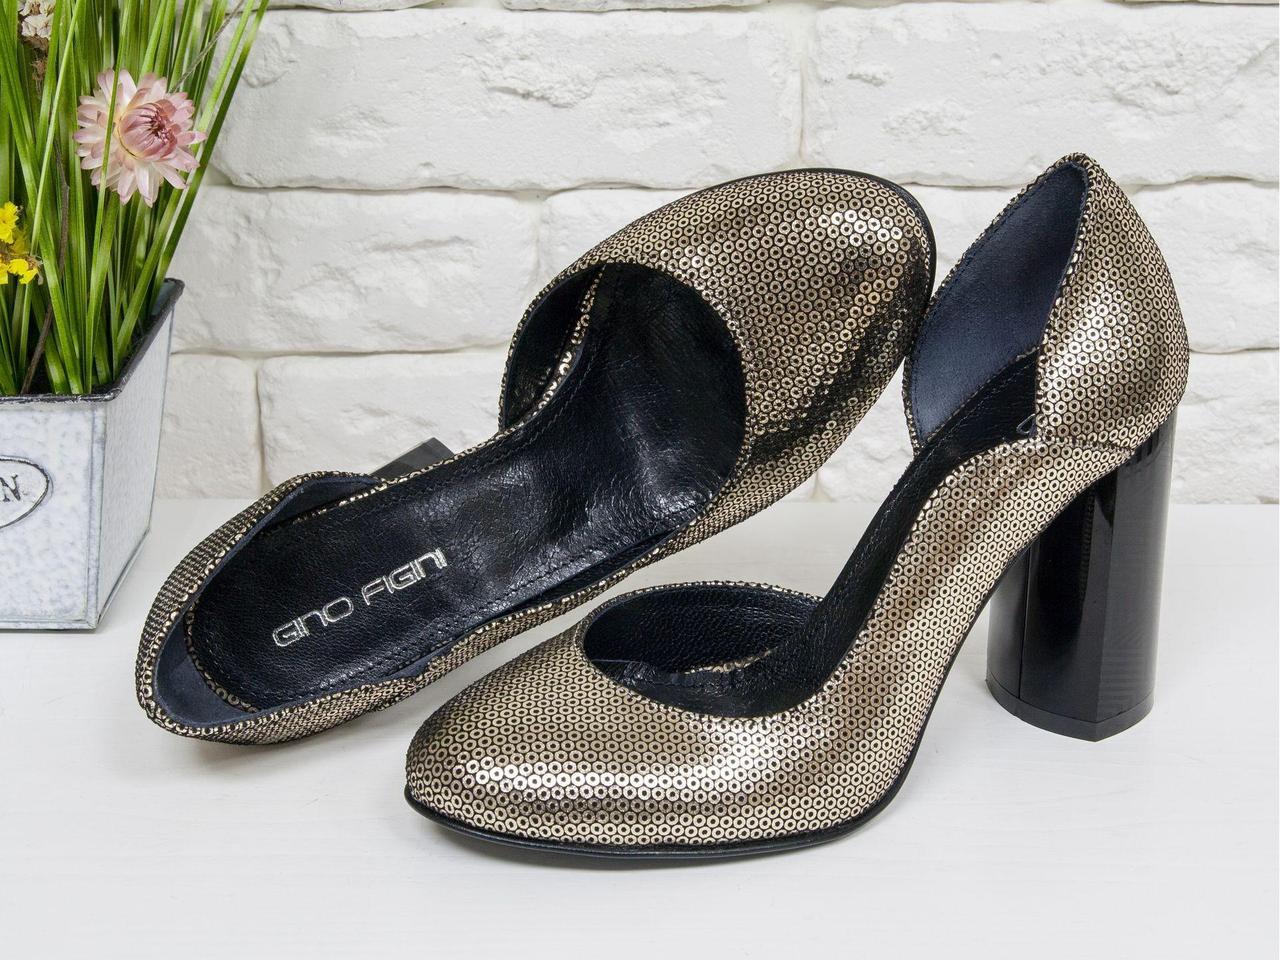 """Классические туфли из эксклюзивной натуральной кожи золотого цвета """"Disco"""", на устойчивом глянцевом каблуке с геометрическим рисунком, Лимитированная"""